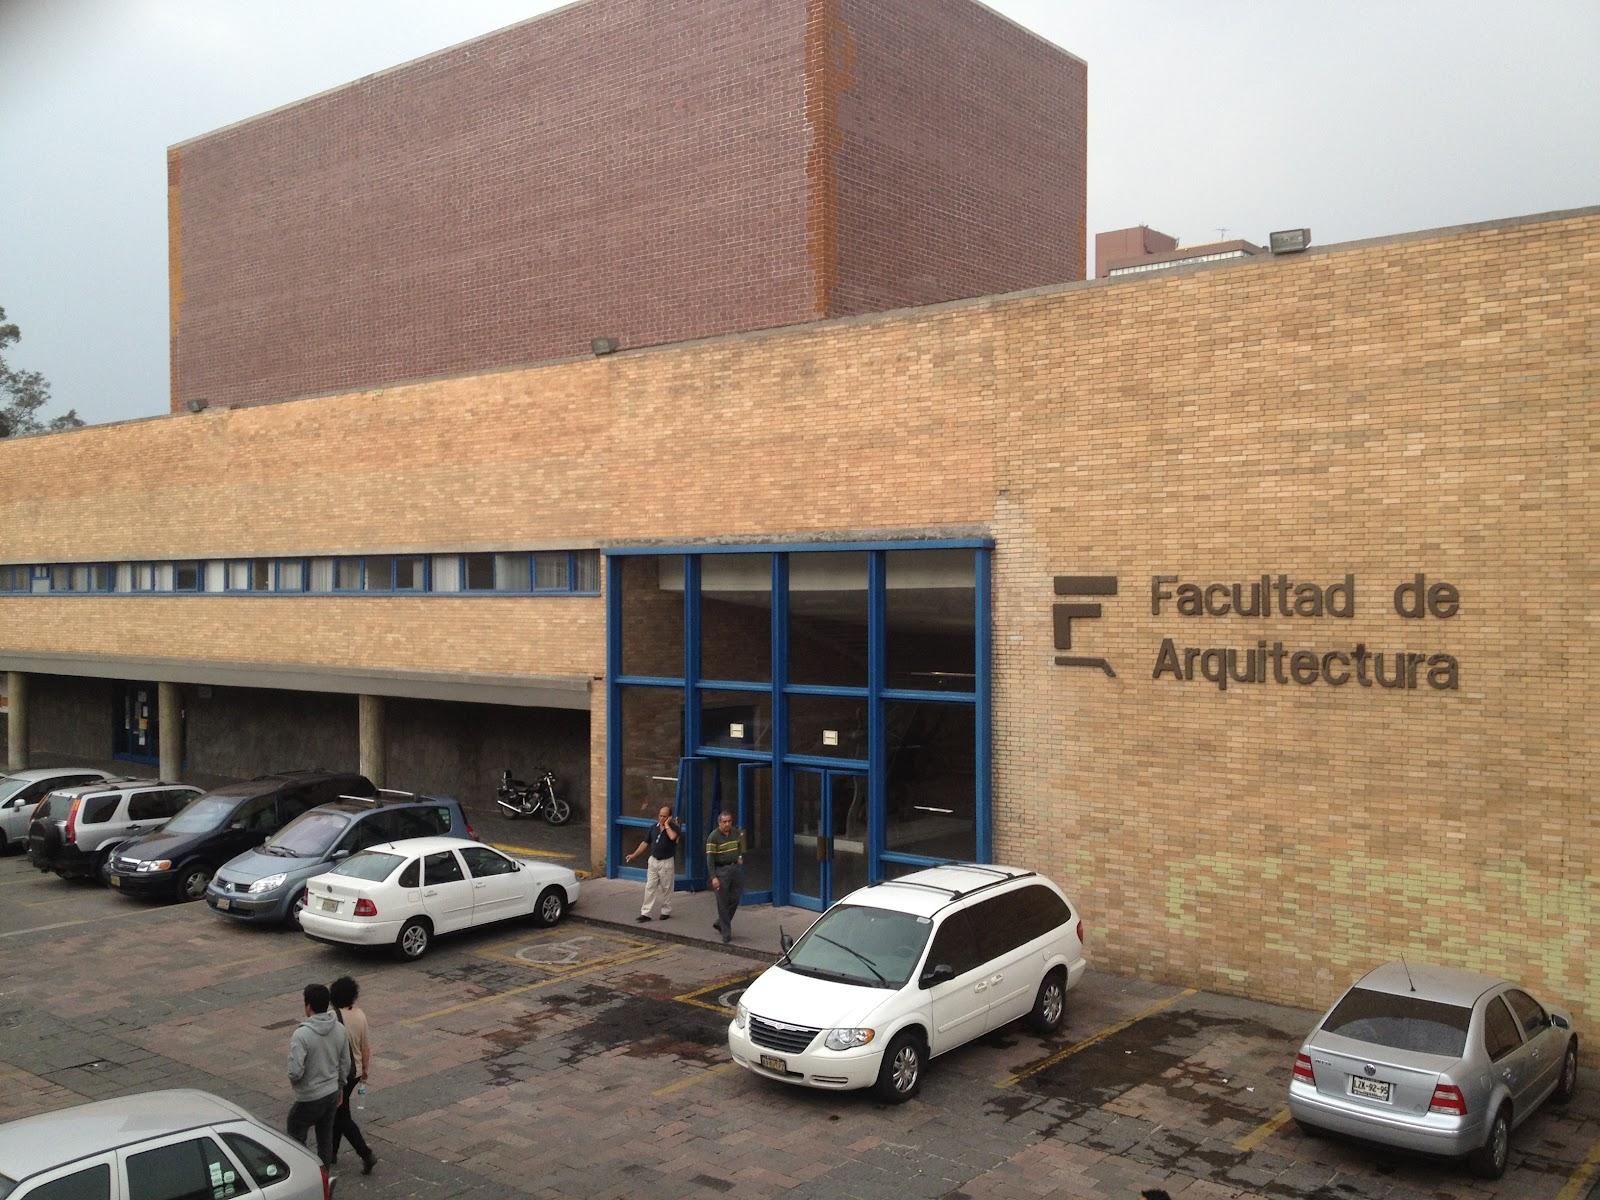 La vuelta al mundo estadio azteca y unam 28 3 for Facultad de arquitectura